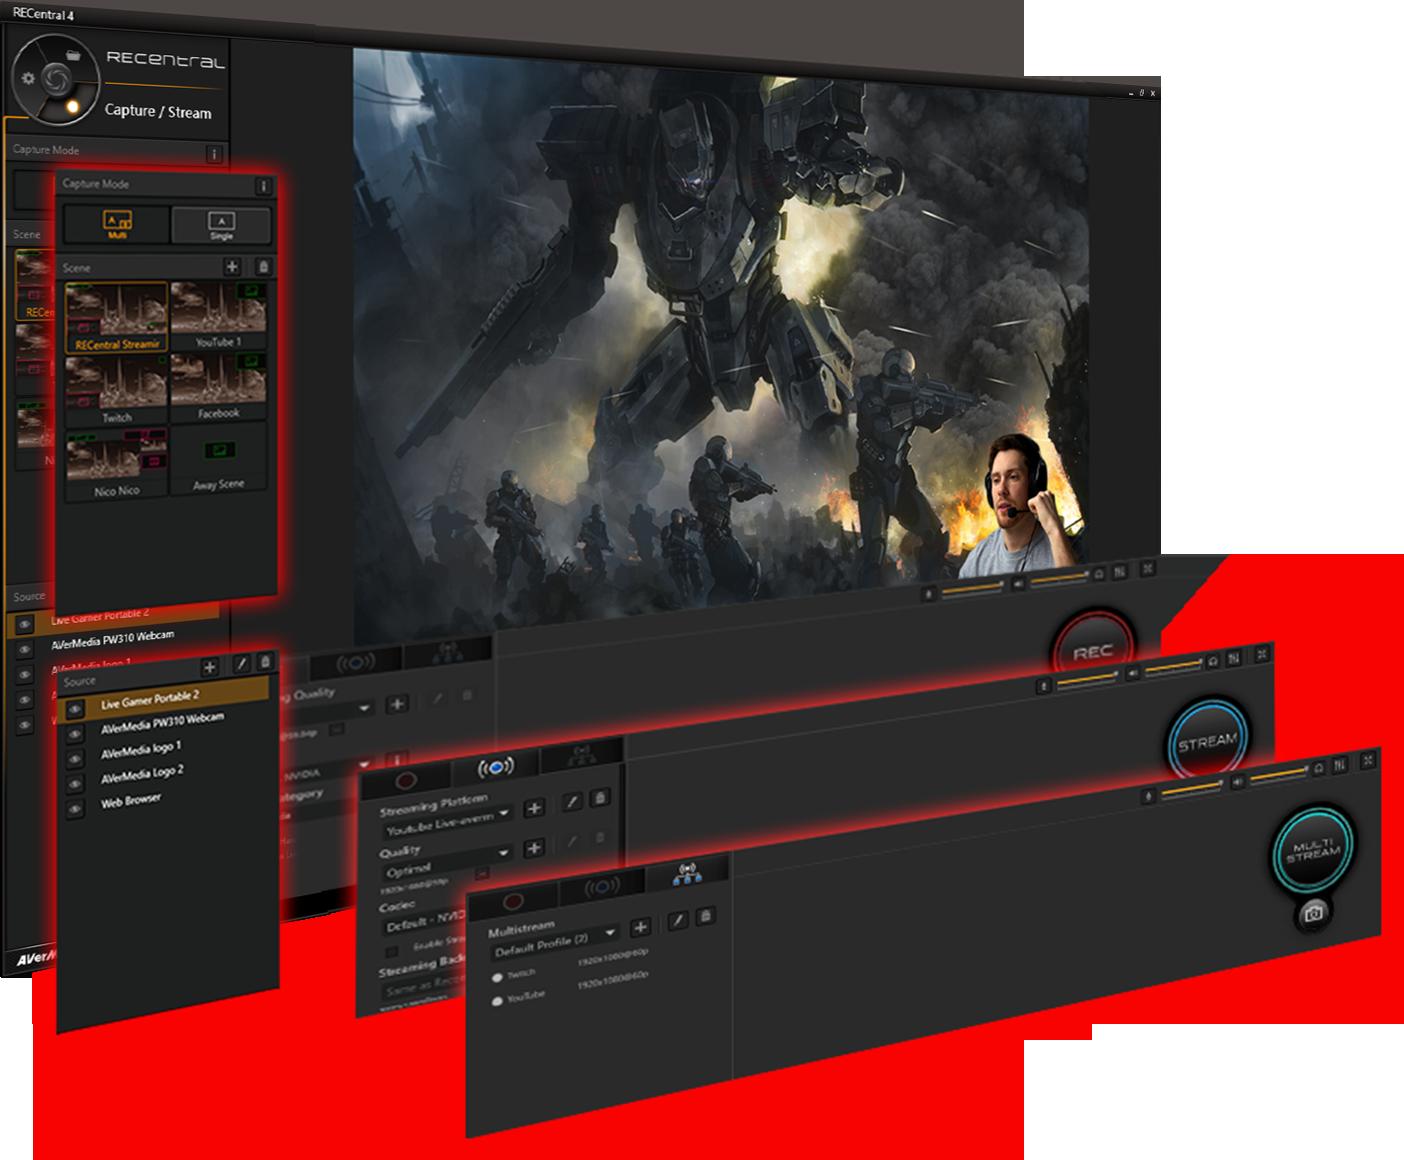 Thiết bị thu hình AverMedia Live Gamer EXTREME 2 - GC551 4